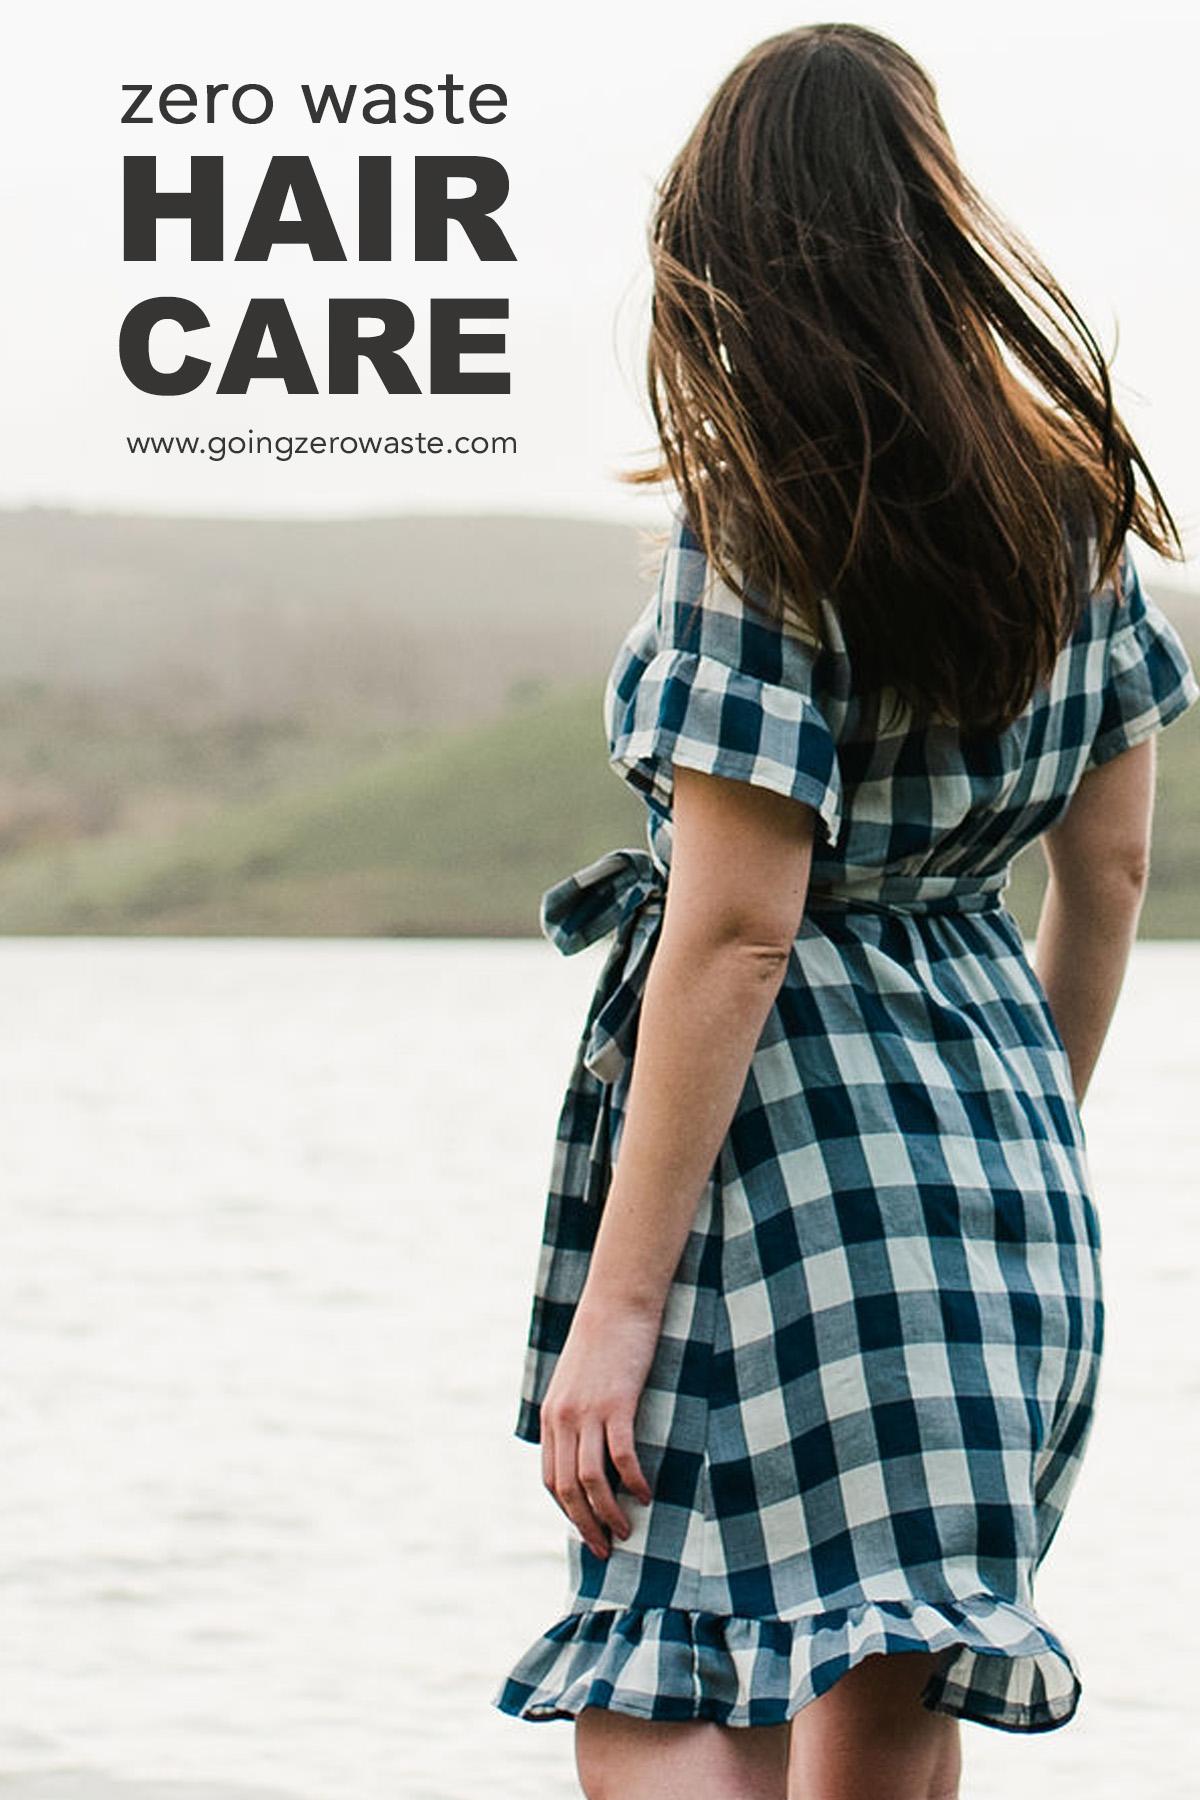 Zero Waste Hair Care from www.goingzerowaste #haircare #ecofriendly #zerowaste